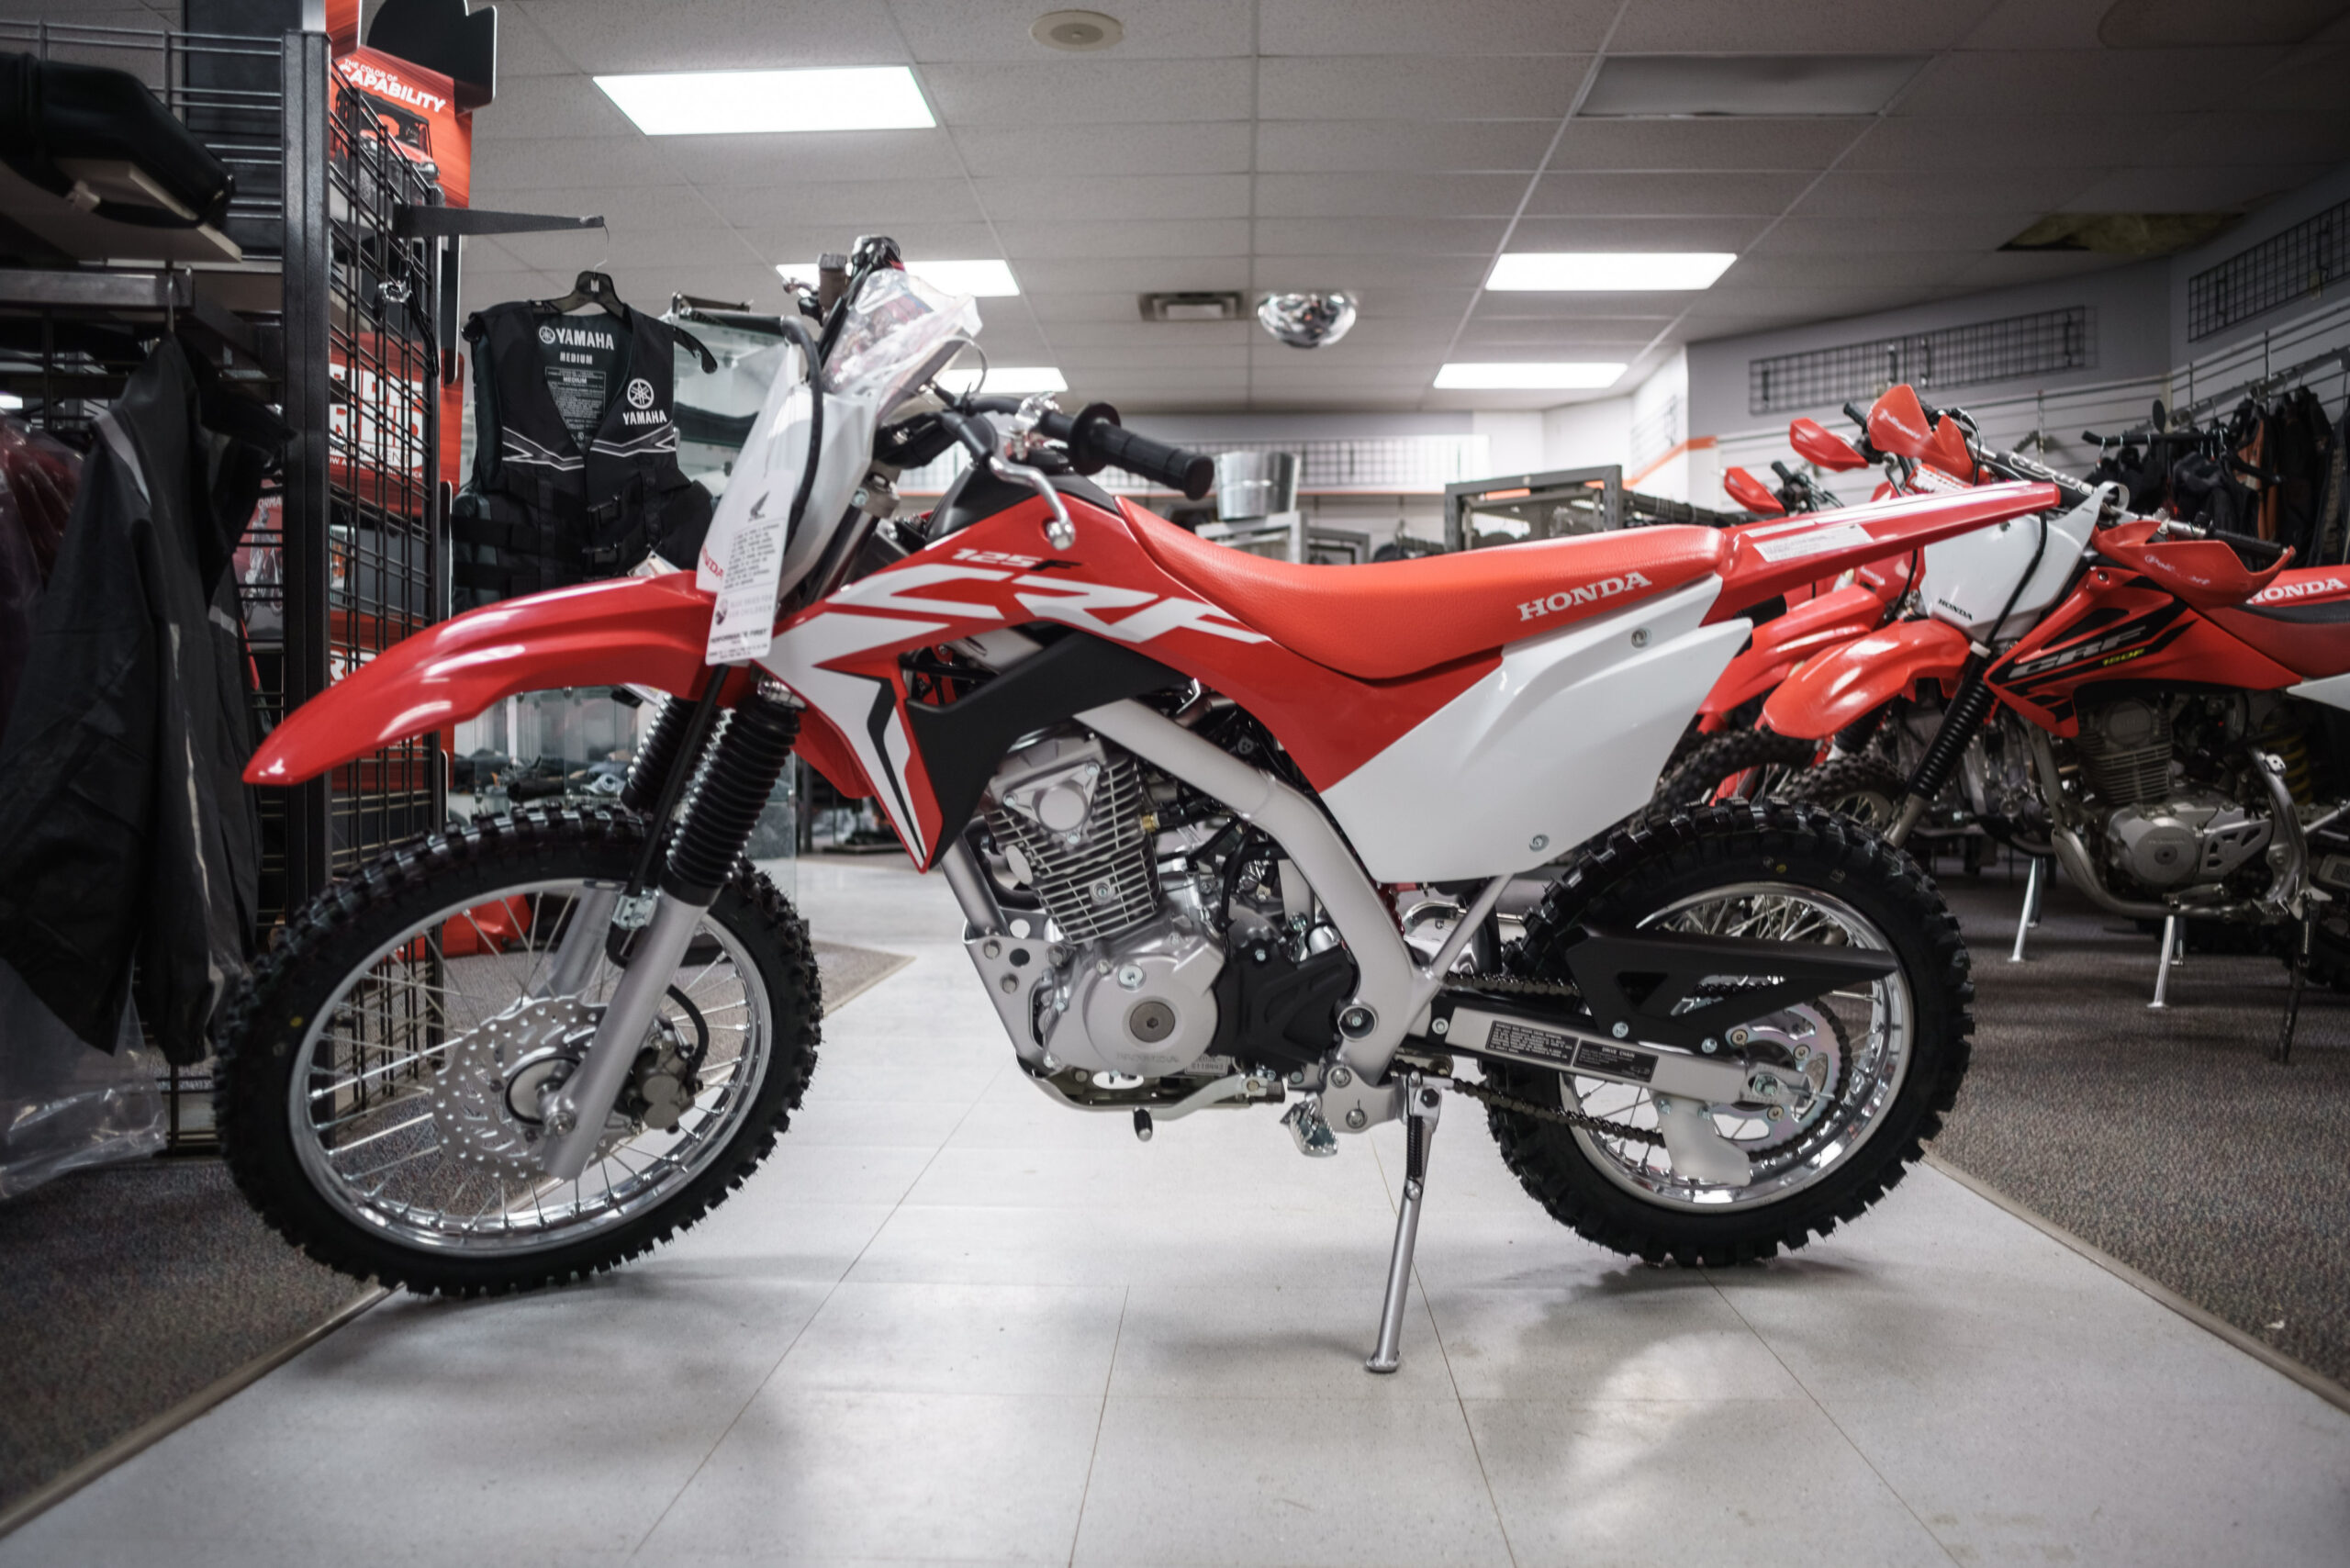 New 2021 Honda CRF125 Dirtbike